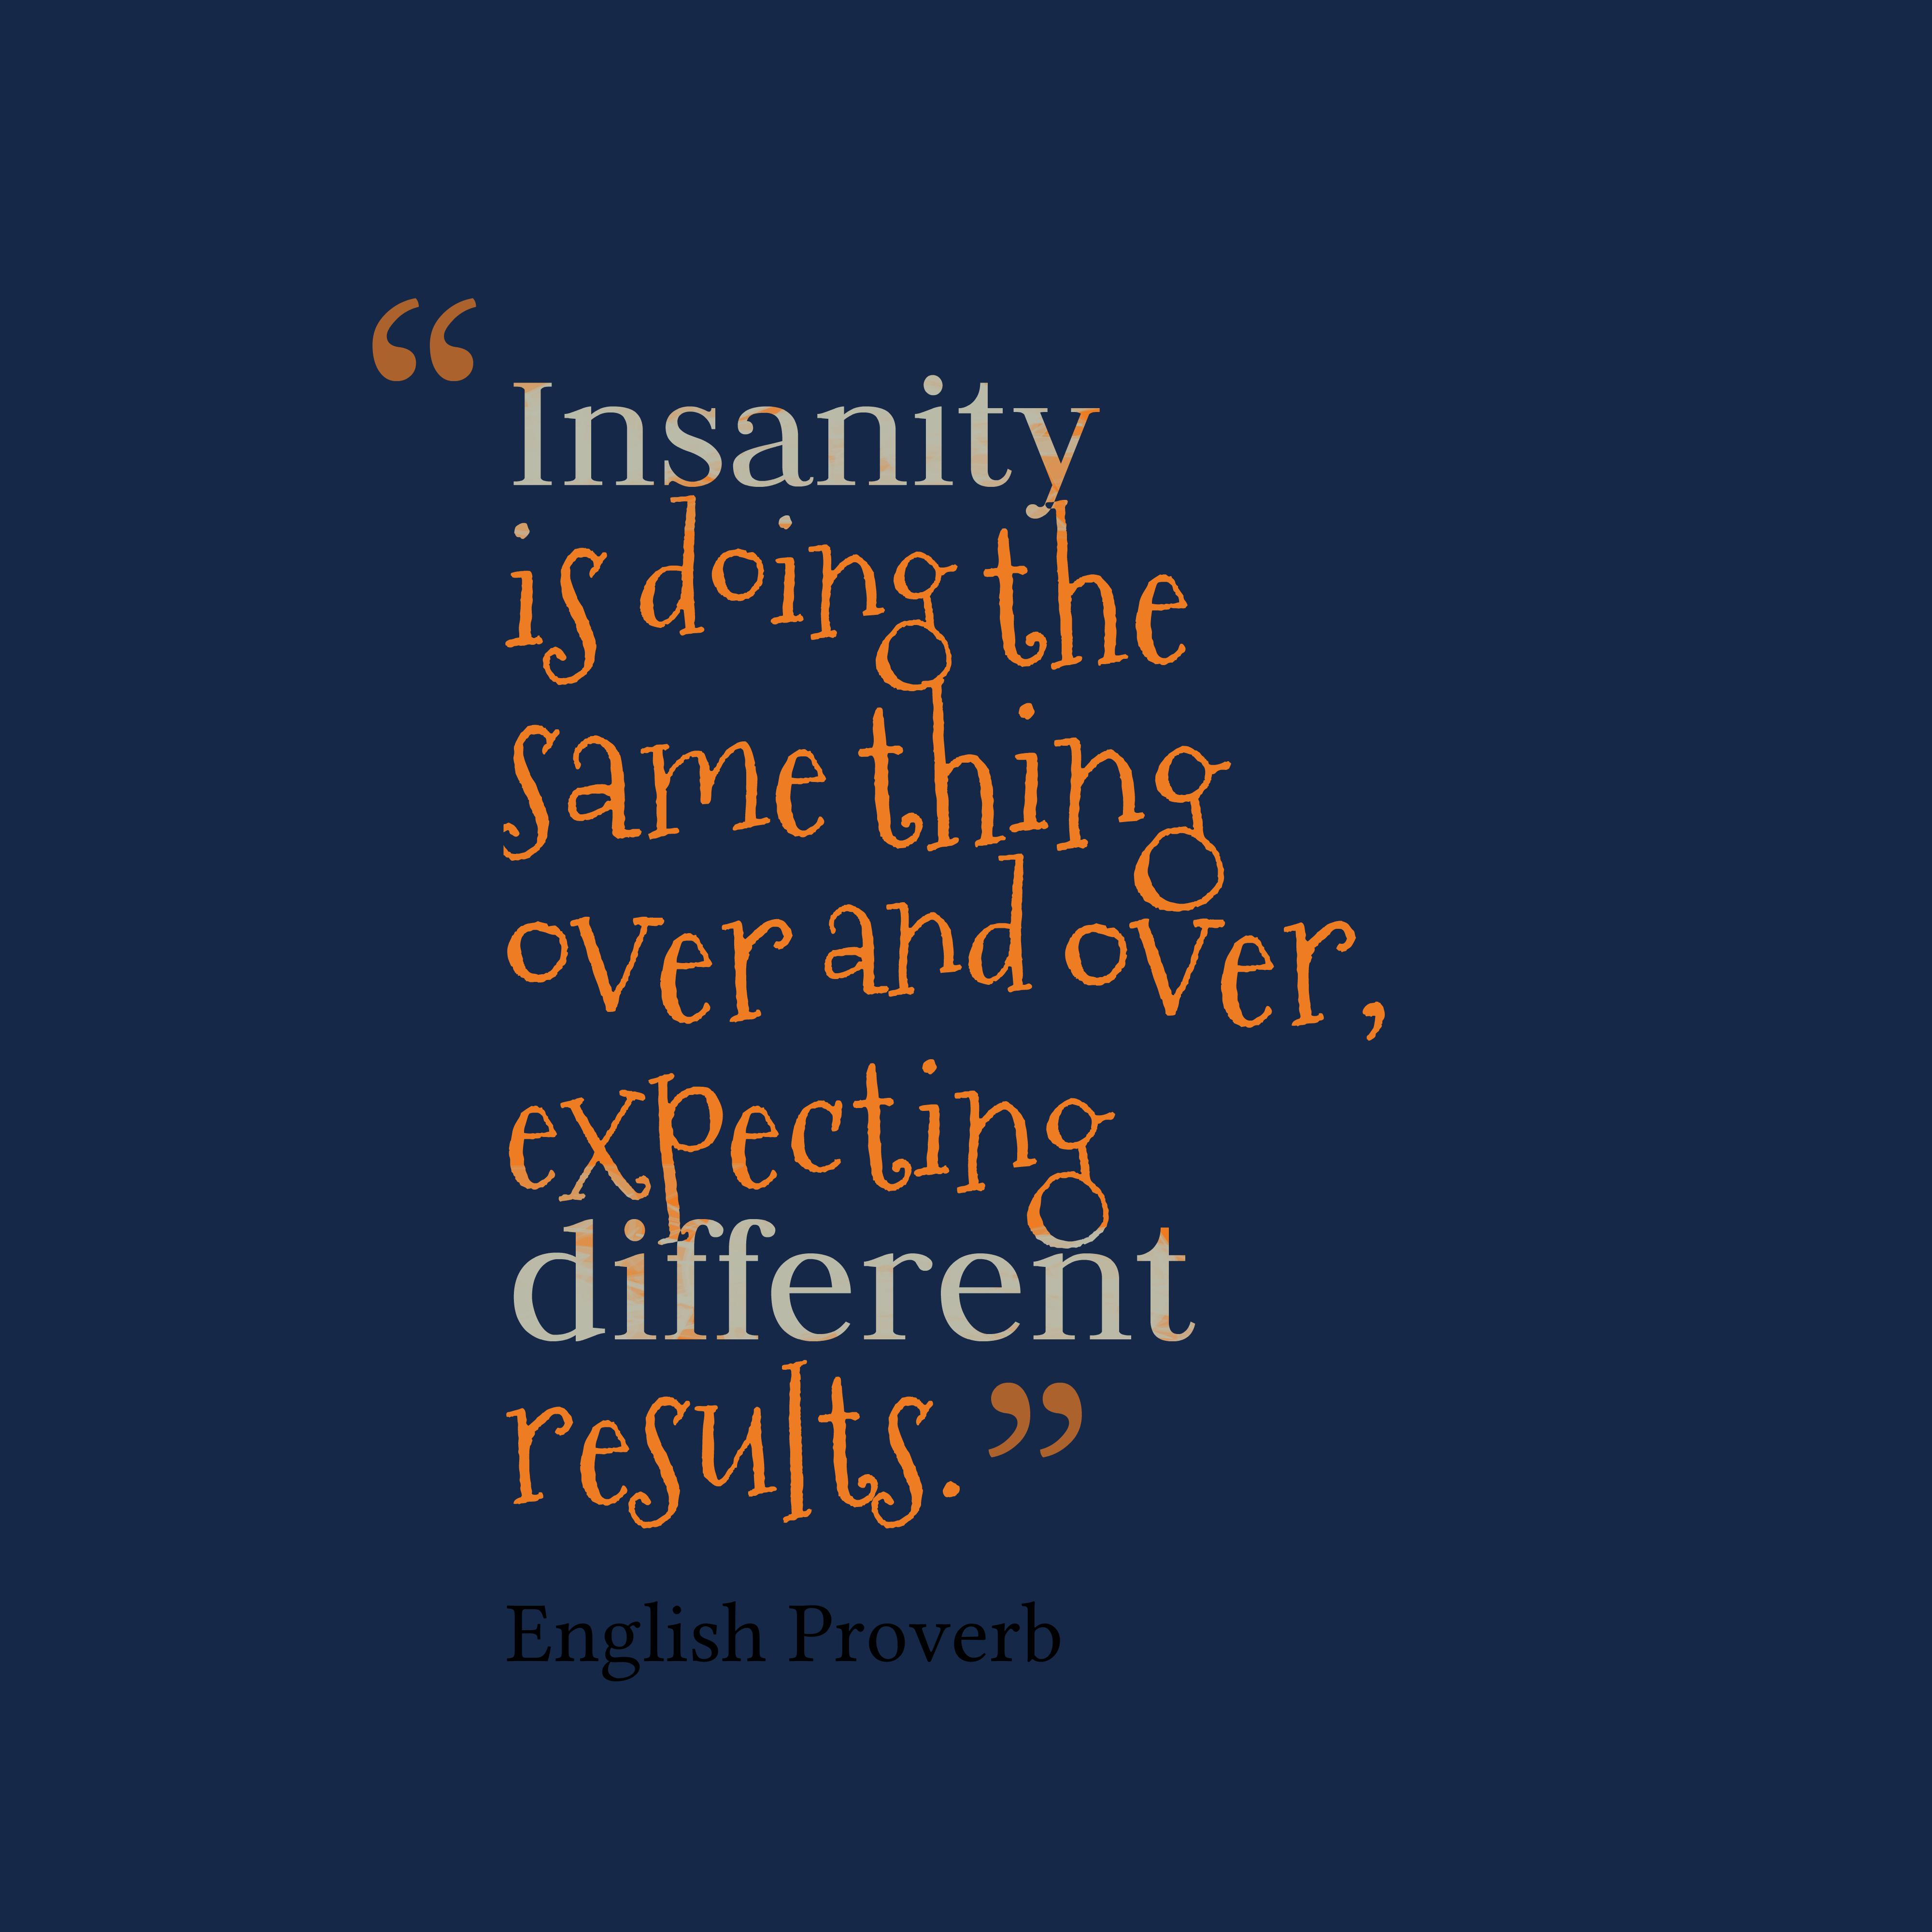 Insanity Quote